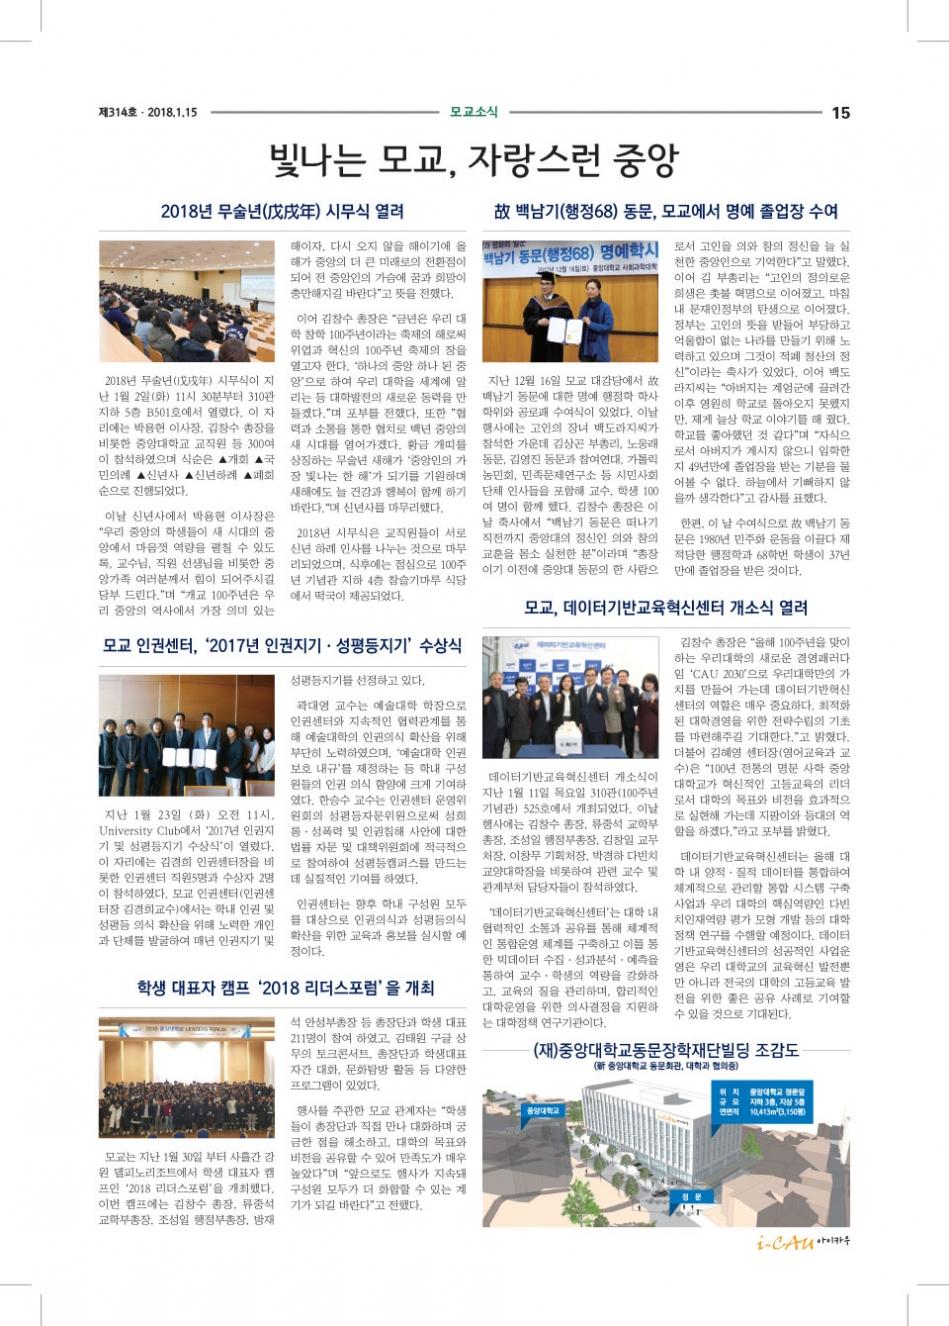 중총신문-18-2-15-최종00-OL인쇄다시-(1)-15.jpg